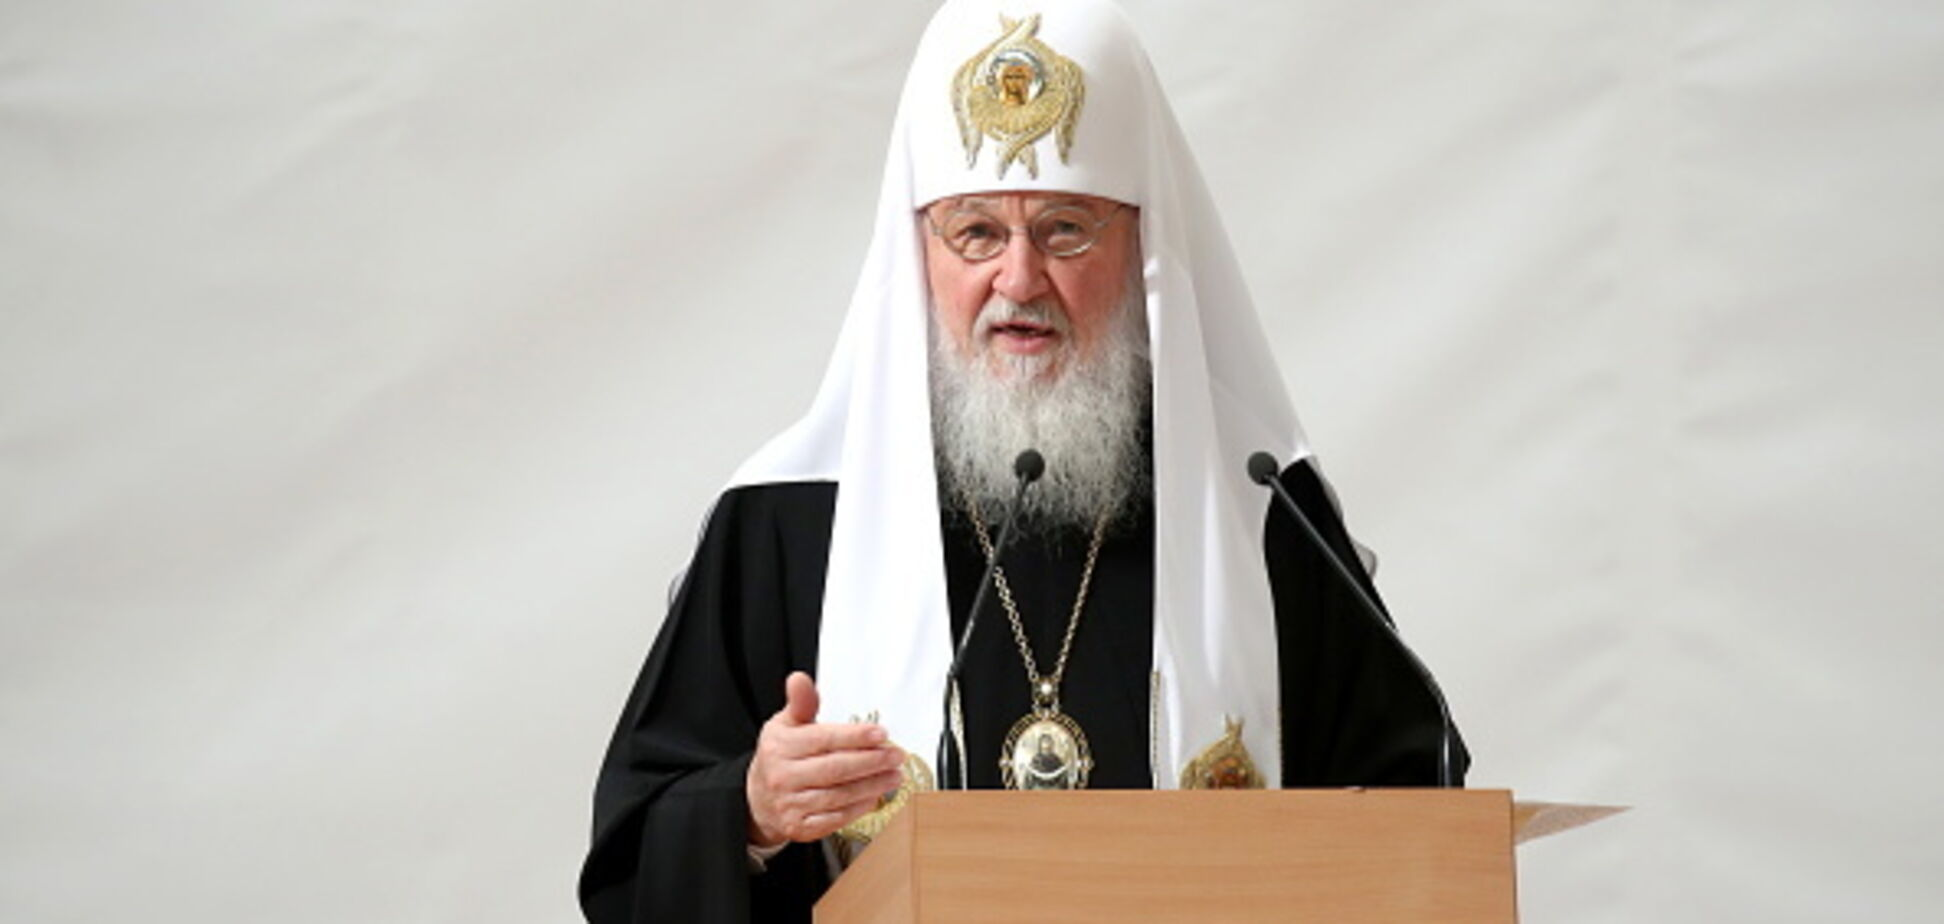 ''РПЦ хотят уничтожить'': патриарх Кирилл заявил о ''глобальной угрозе''